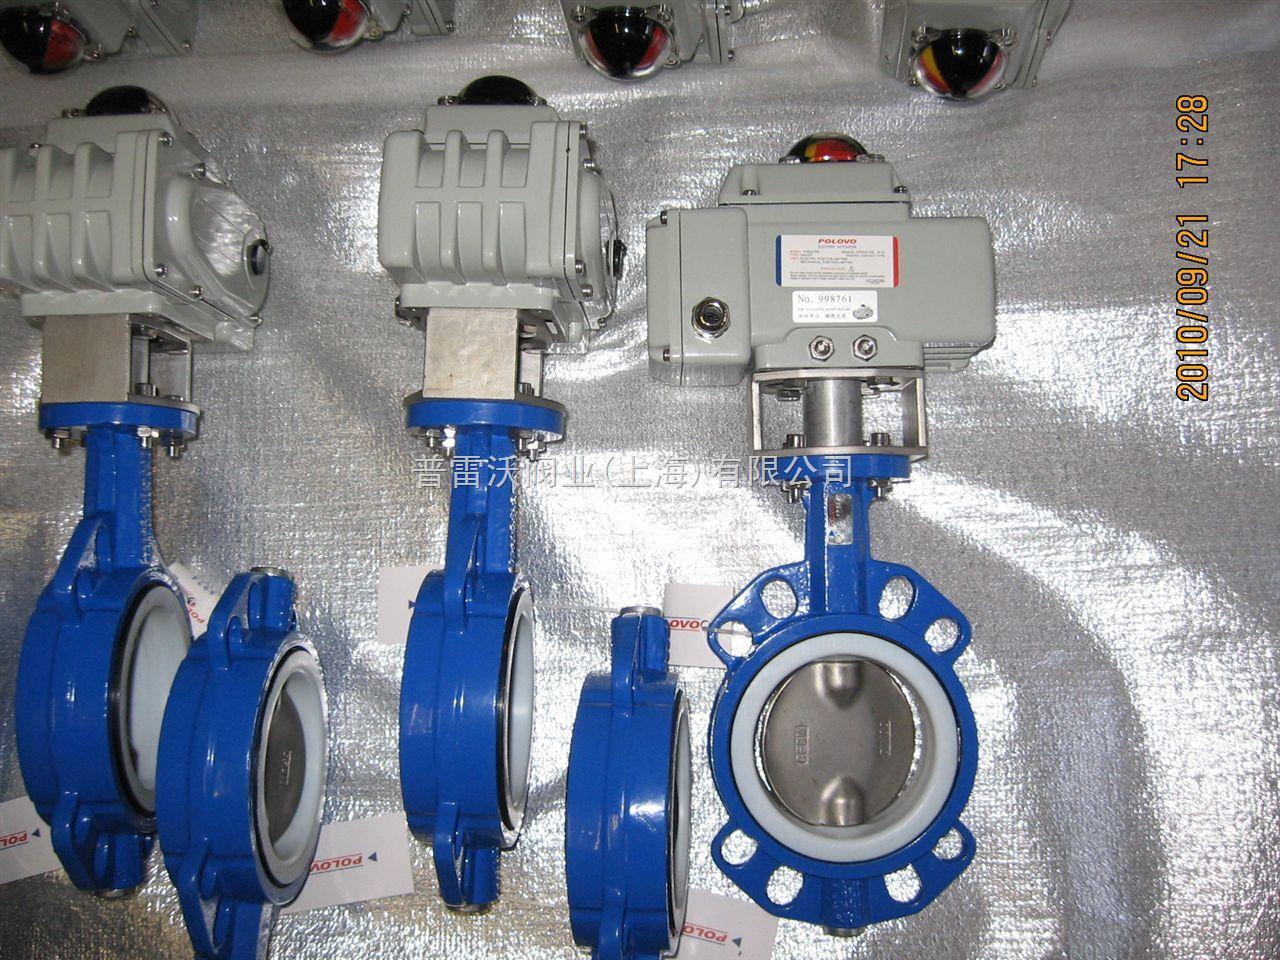 电动调节衬氟碟阀_化工机械设备_泵阀类_蝶阀_产品库图片